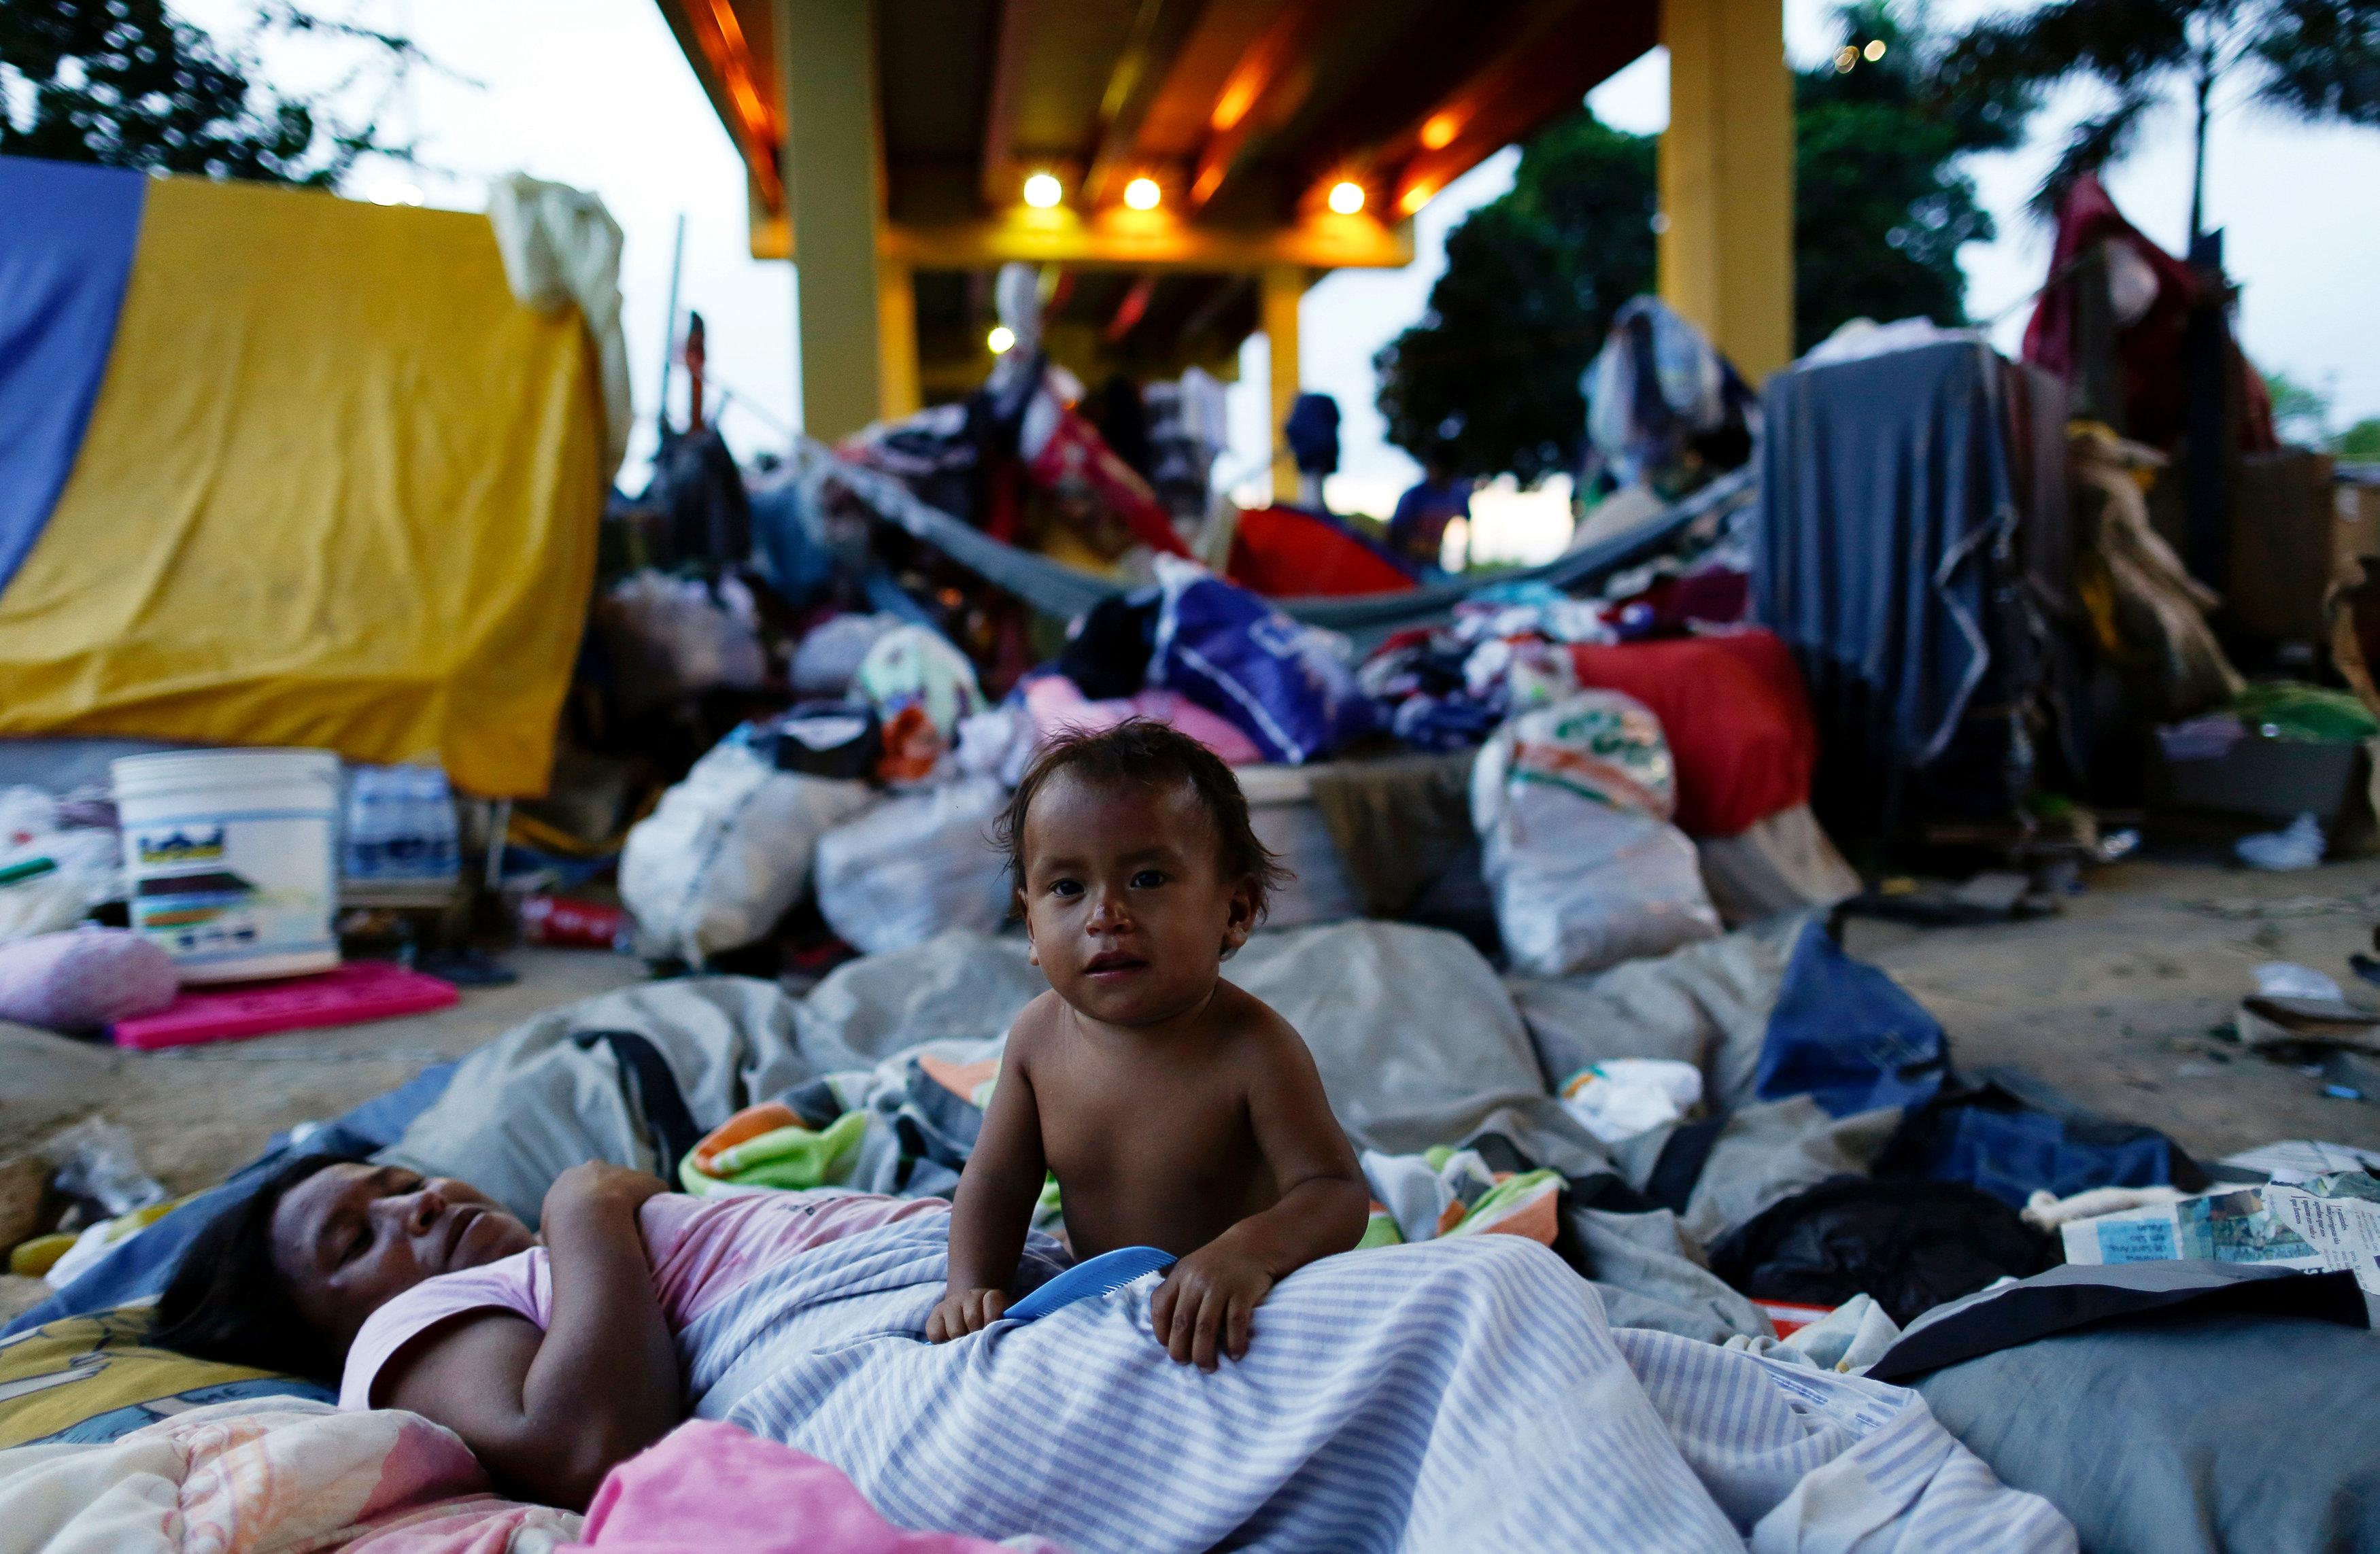 O que acontece em Roraima onde estima-se que mais de 45 mil imigrantes já tenham entrado é grave.